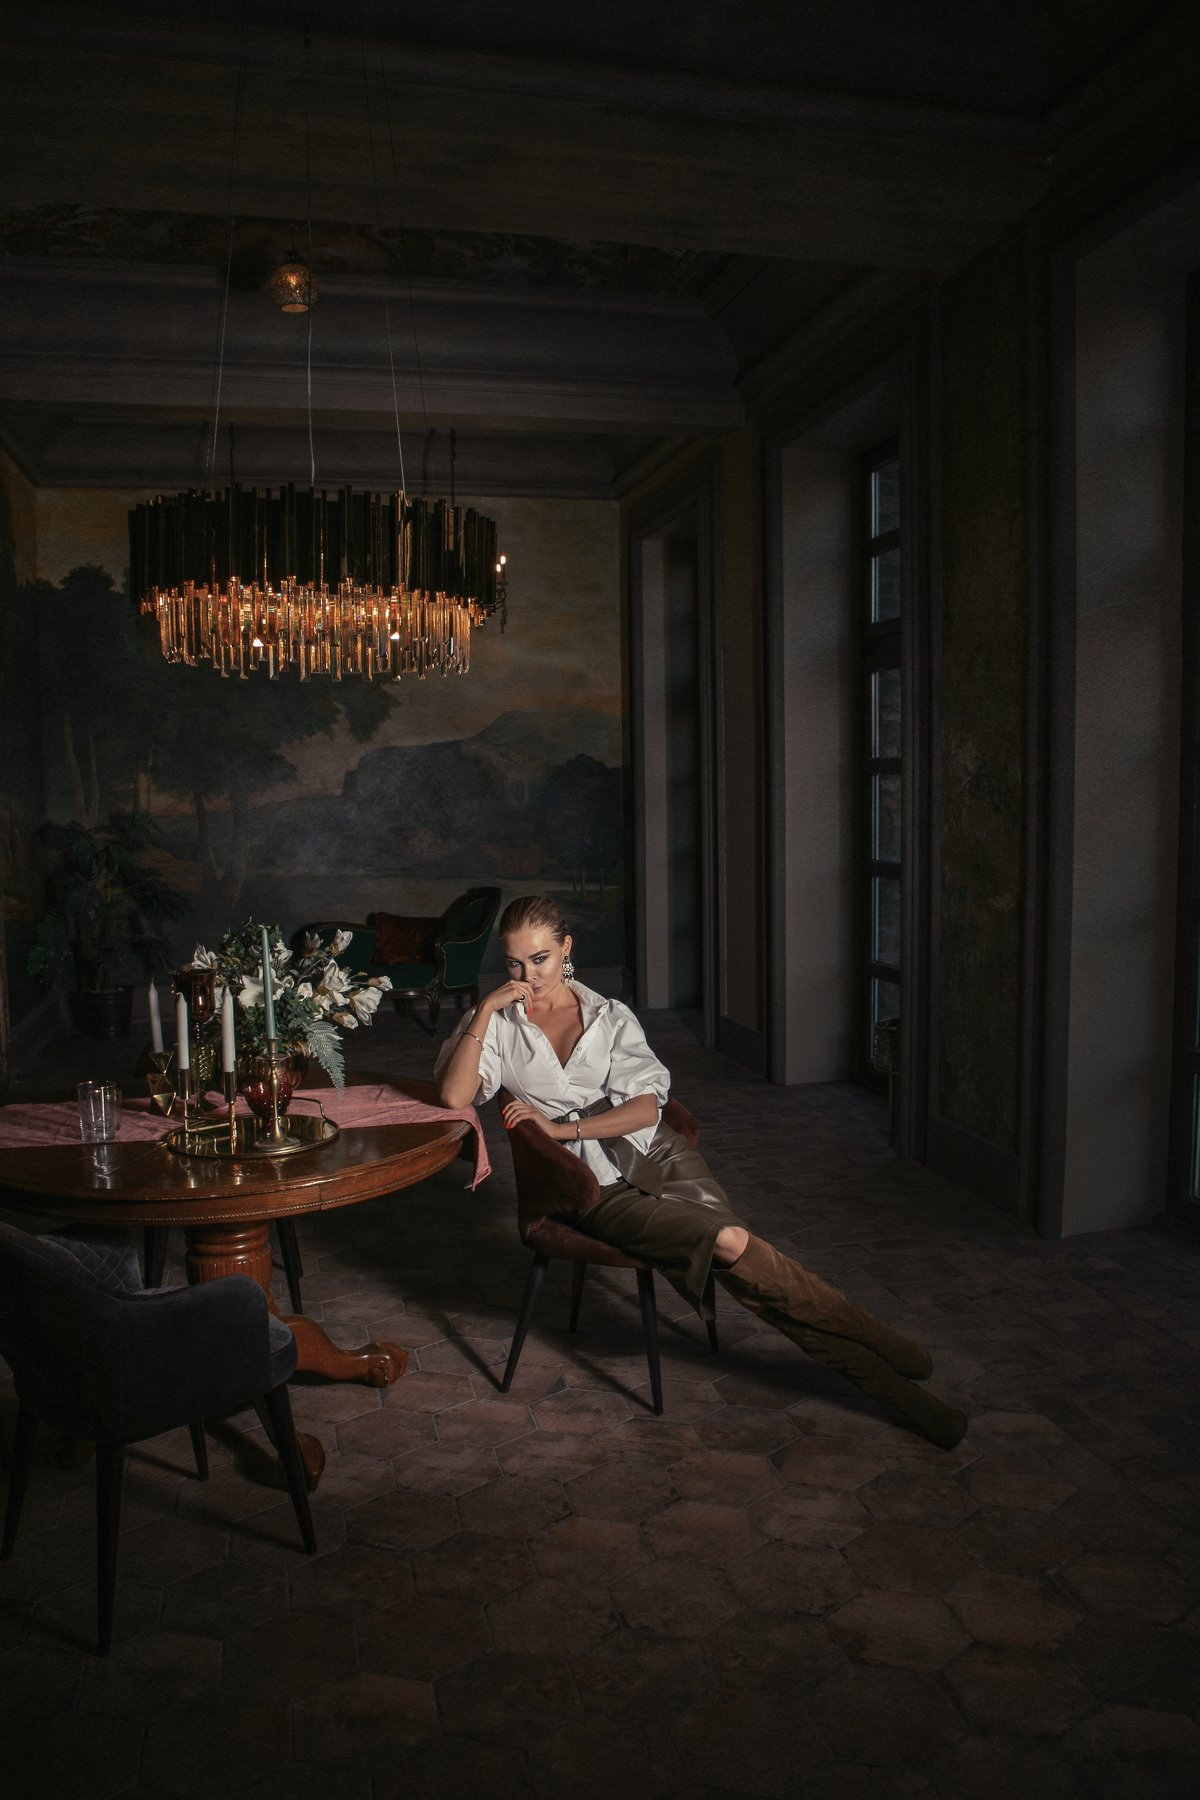 италия тордуа портрет хитрость, Анастасия Тордуа